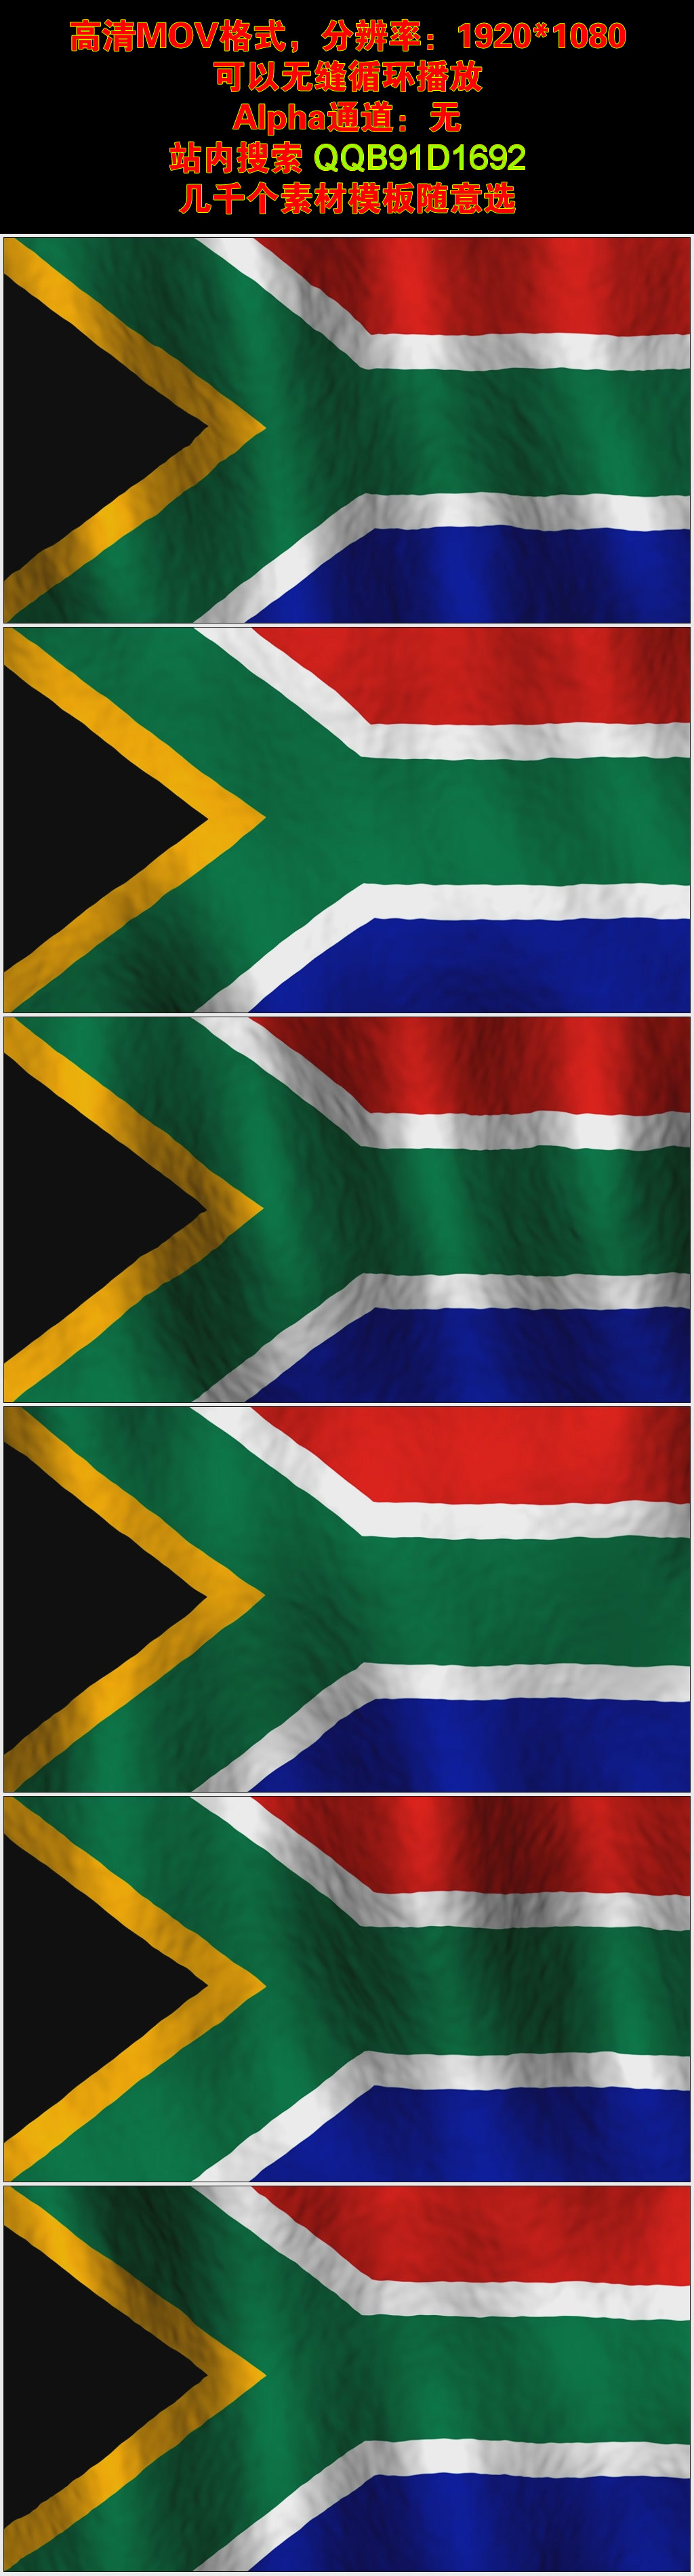 国旗 背景图片